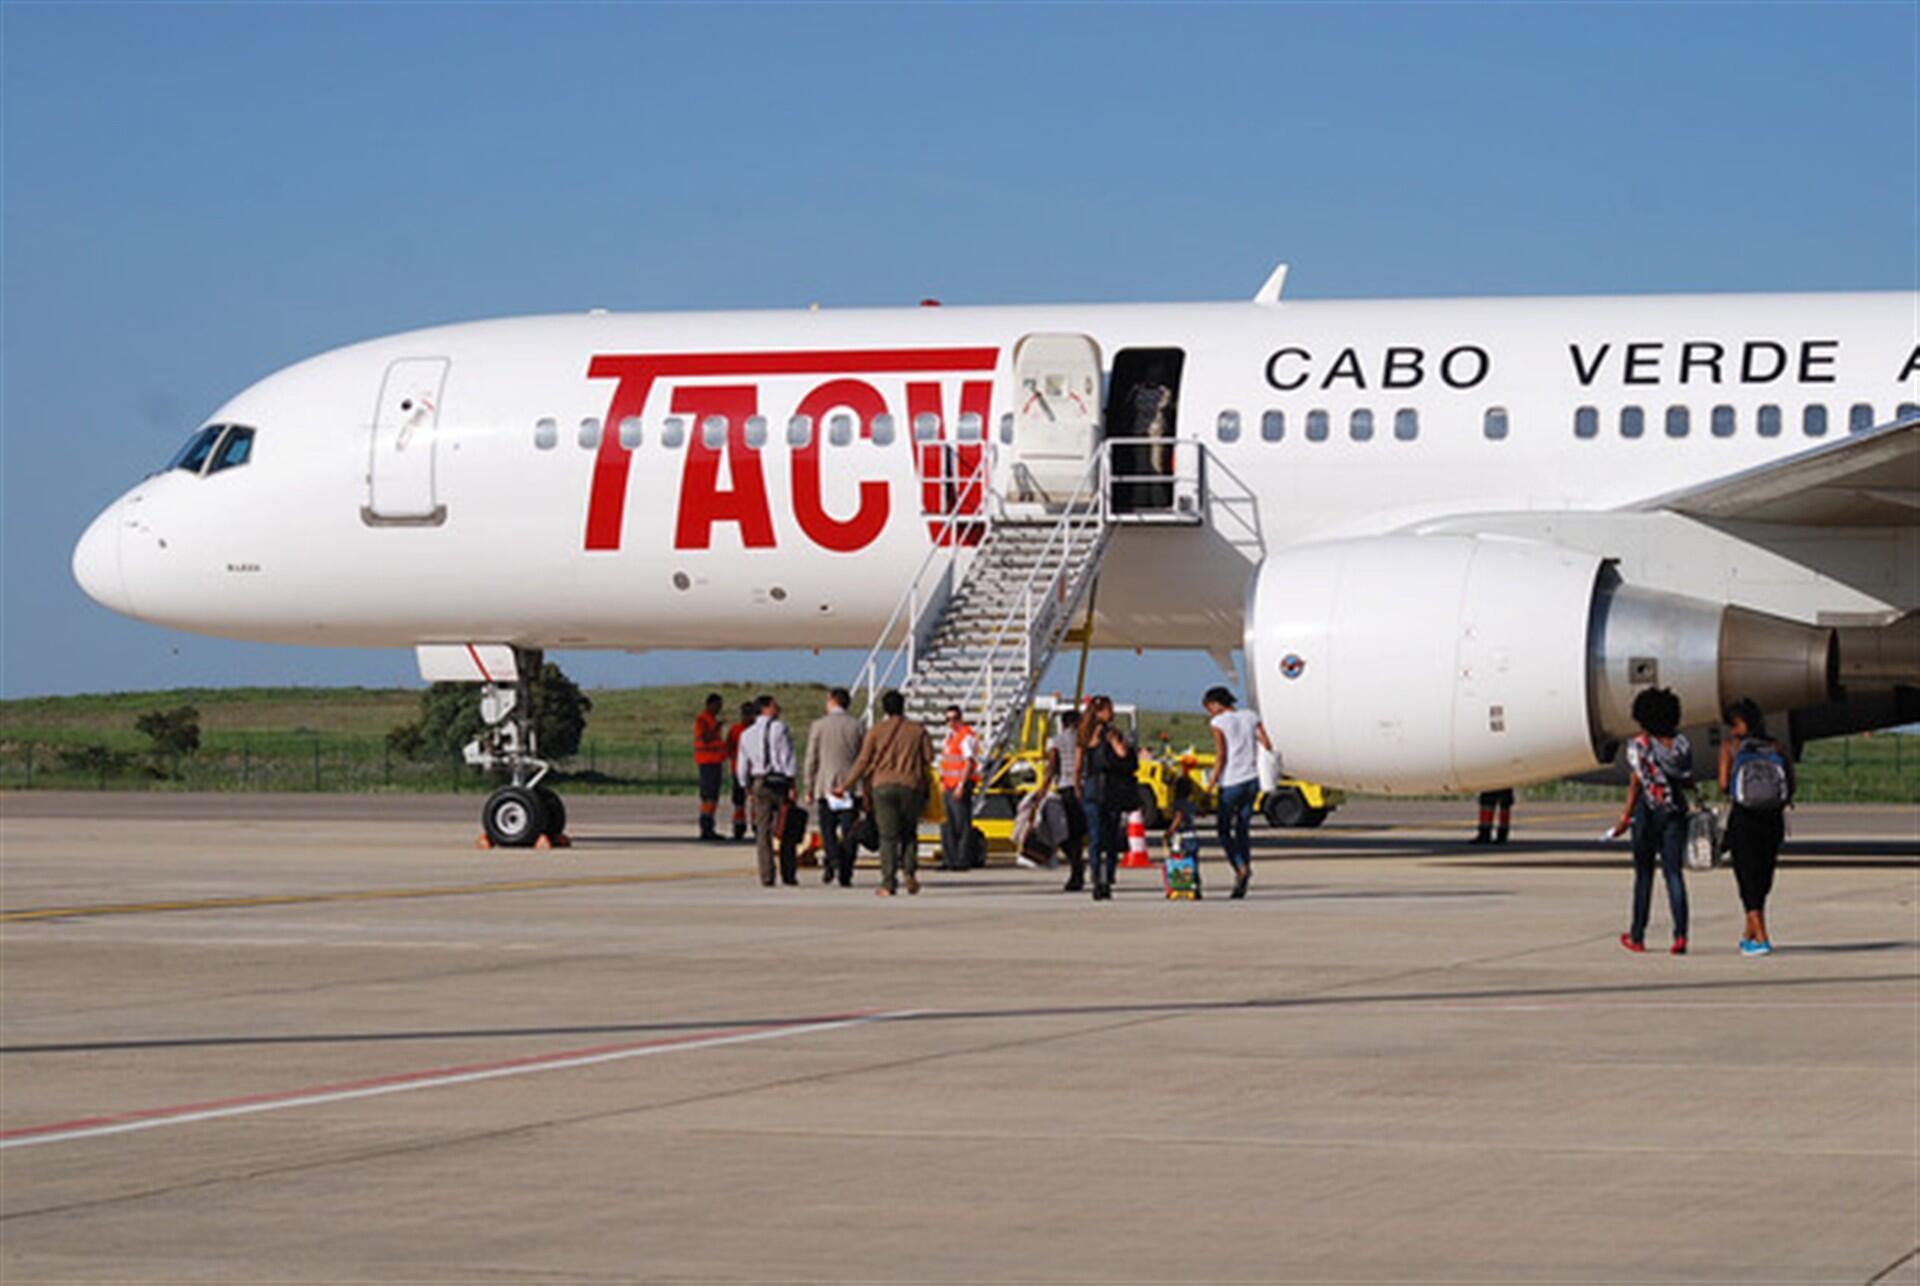 O governo estabeleceu uma meta de seis meses para que a TACV/Cabo Verde Airlines volte a voar.